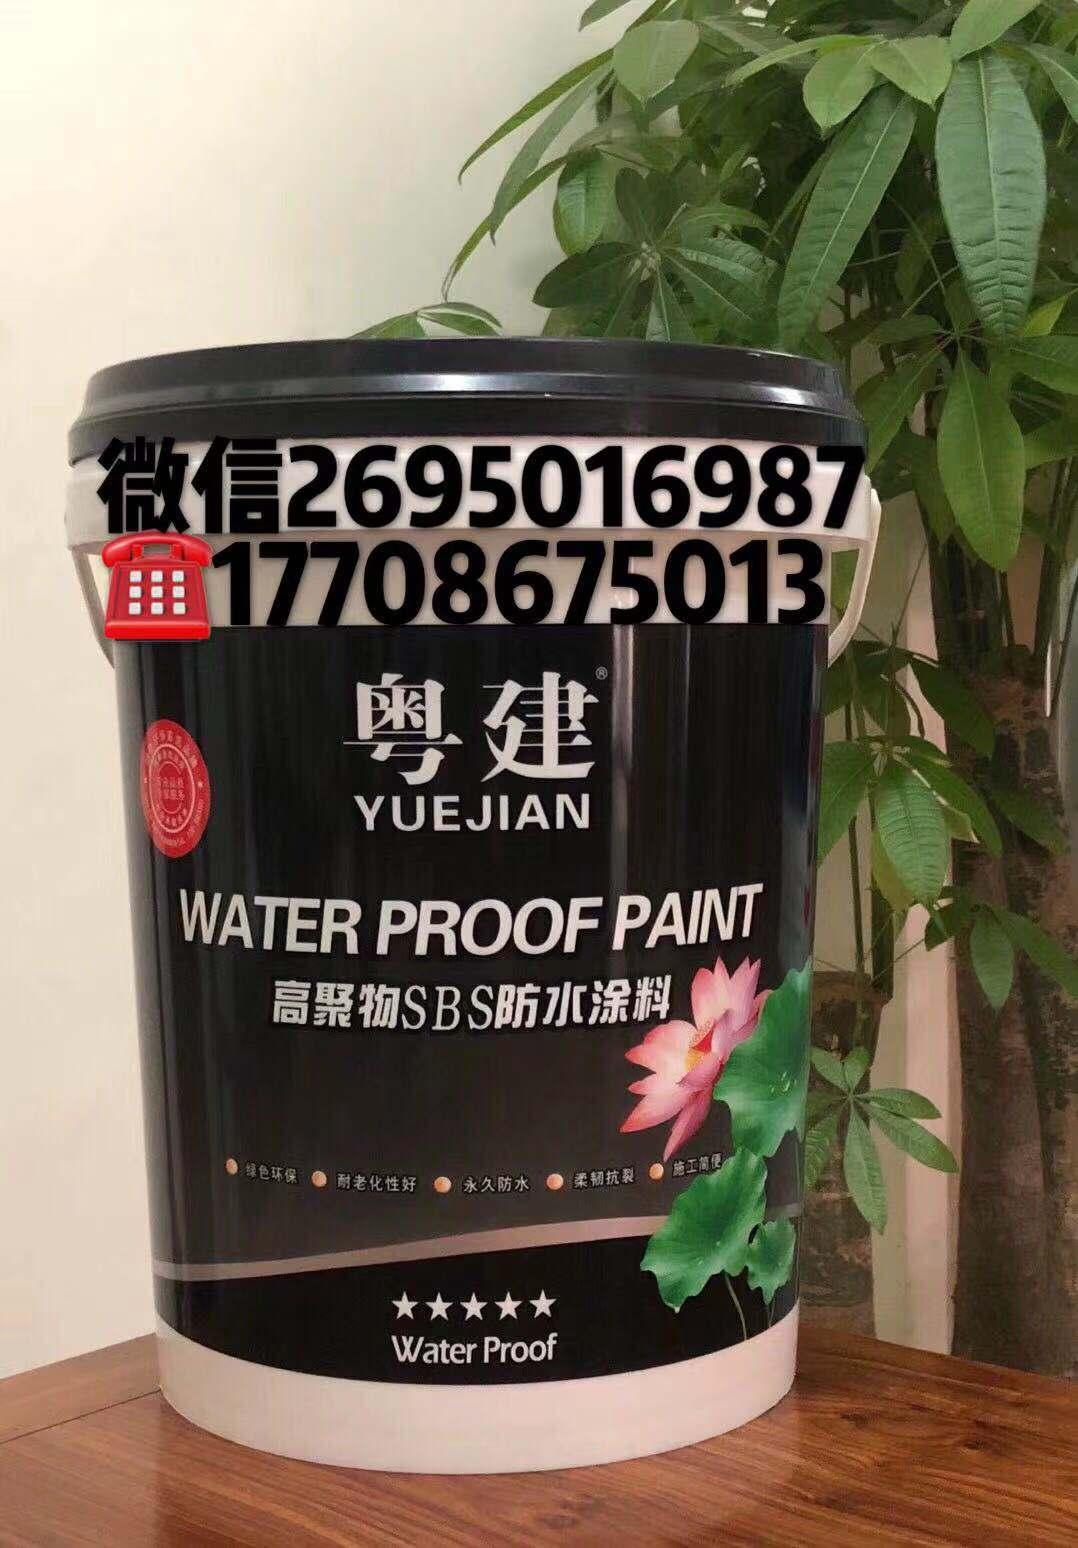 广东液体建材防水-粤建-液体建材防水品牌-液体建材防水厂家